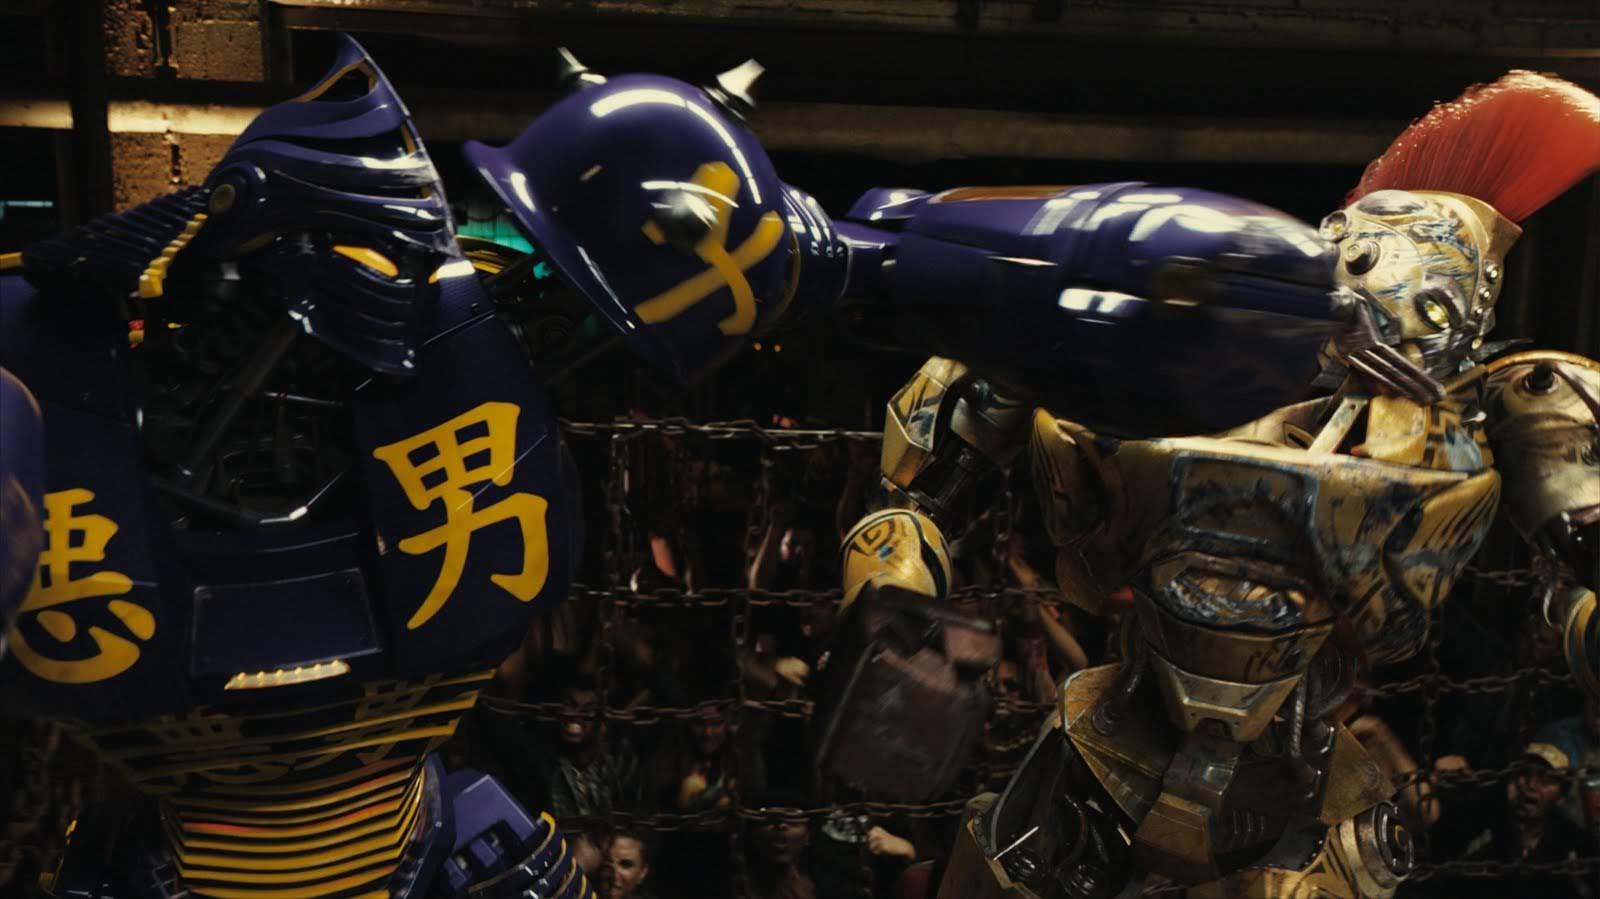 Real Steel But Only The Punches : ヒュー・ジャックマンが主演した近未来ロボット・ボクシング映画「リアル・スティール」のパンチをくり出すカットばかりを集めた迫力のどつきまくりビデオ ! !